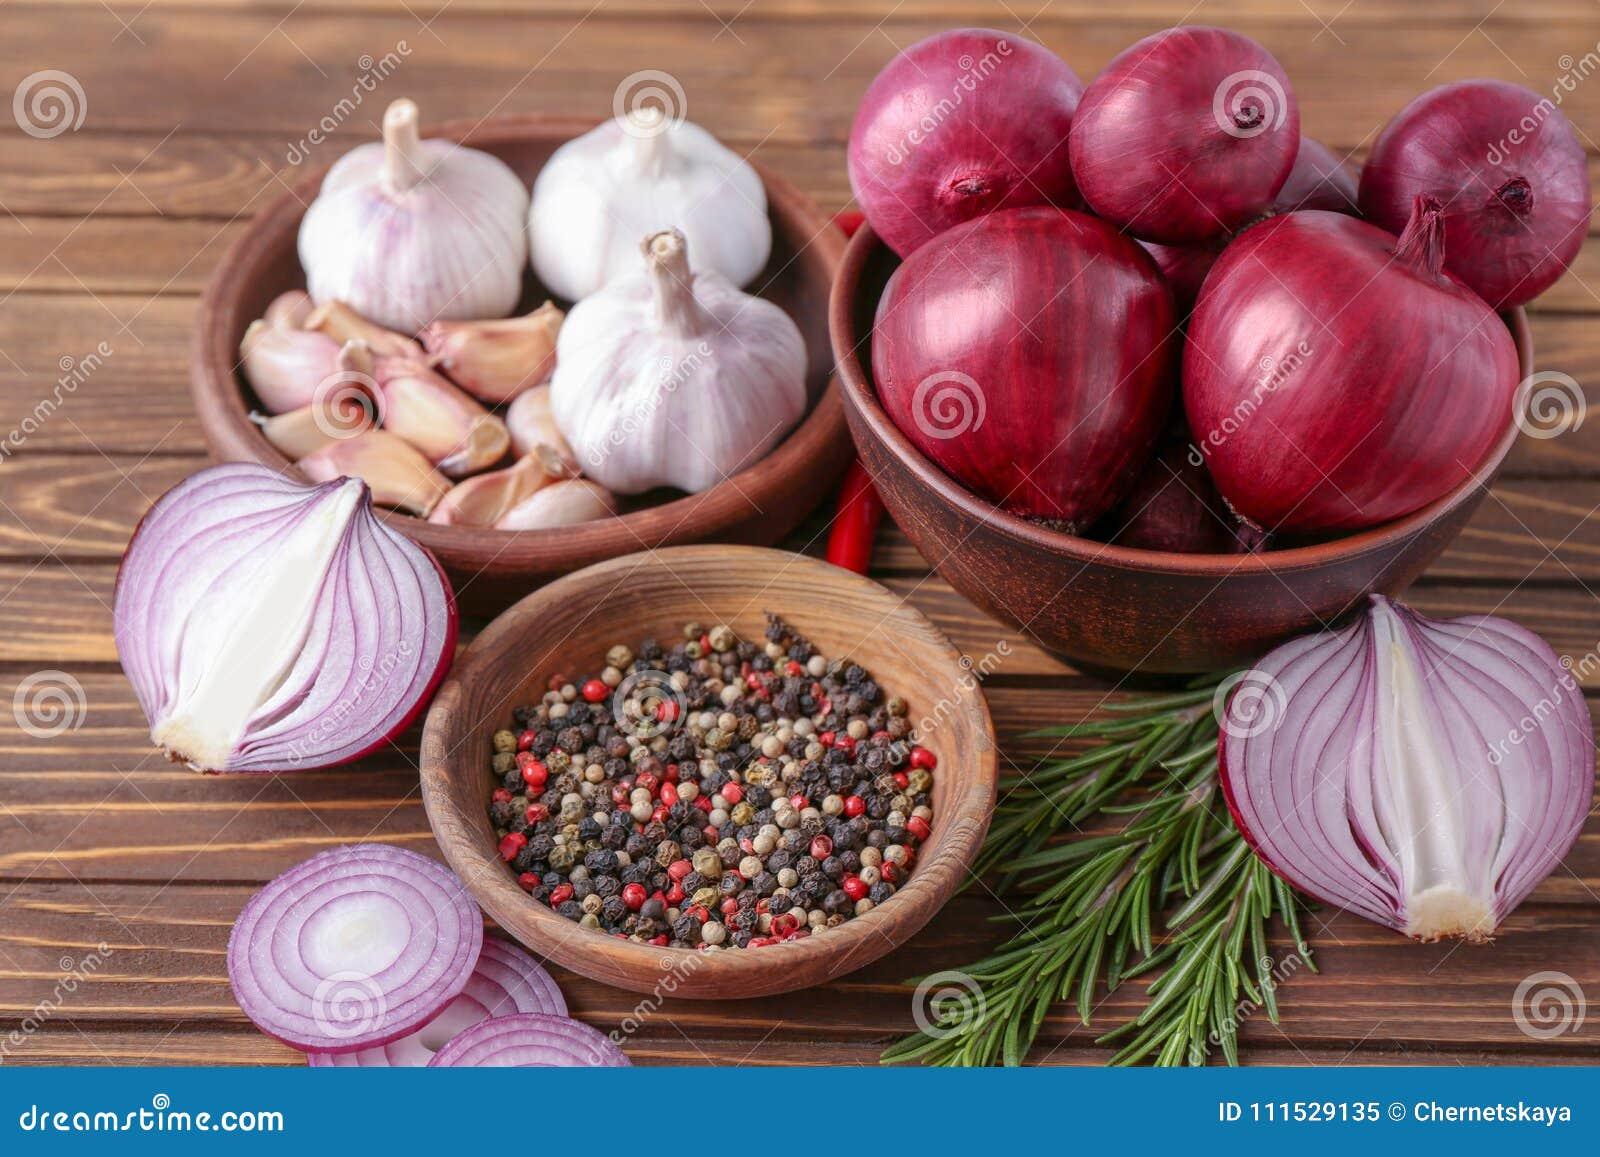 Puchary z czerwoną cebulą, czosnek